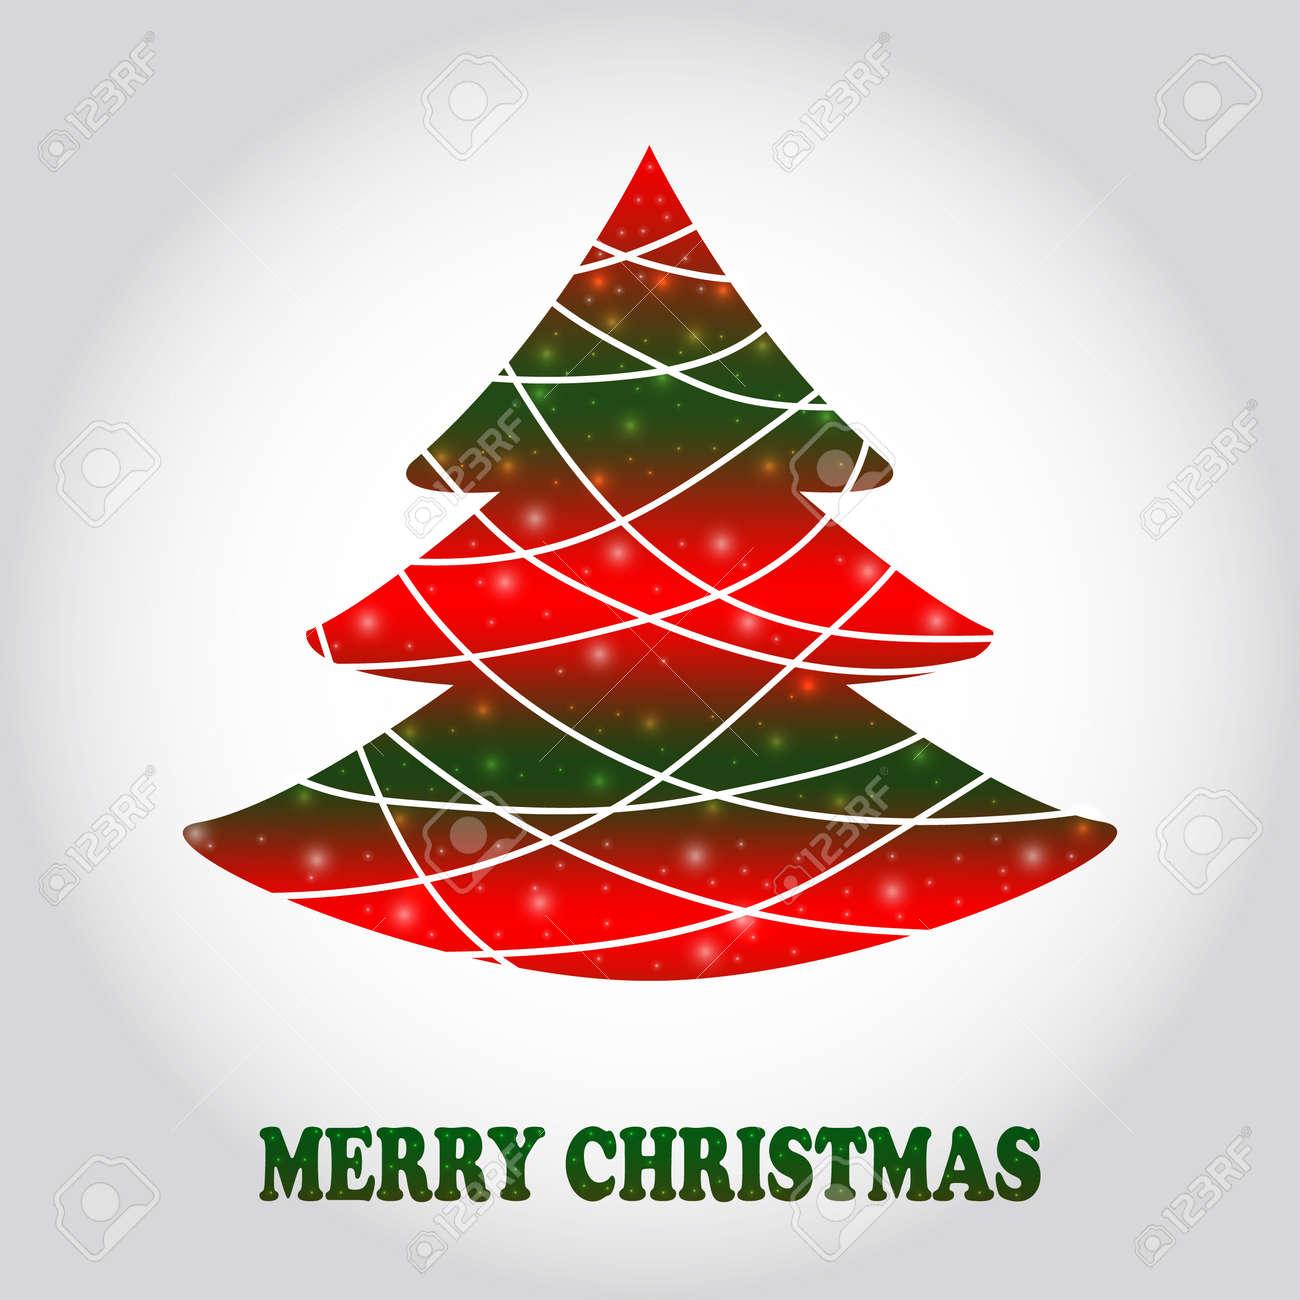 Ideas De Dibujos De Navidad.Vector Resumen Arbol De Navidad Las Ideas Dibujos Diseno Plantillas Ilustracion Del Vector Tarjeta Creativa Del Arbol De Navidad